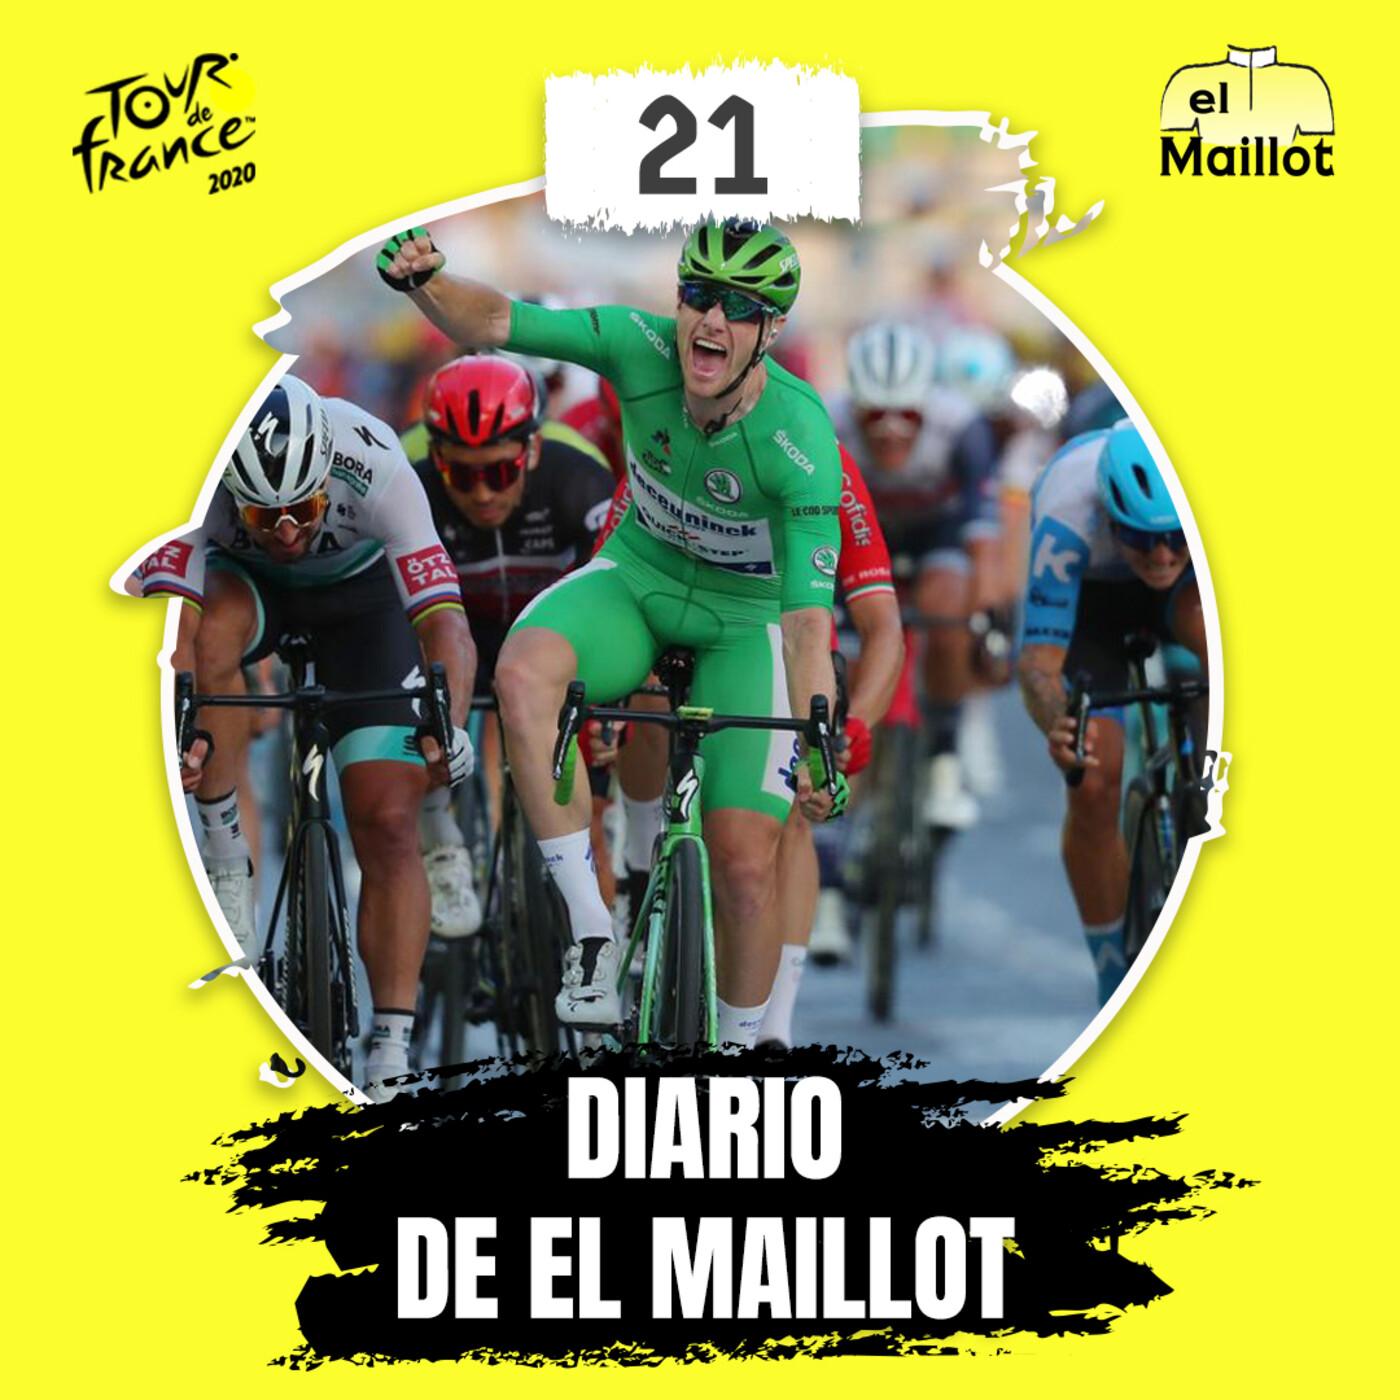 Diario El Maillot | Tour de Francia 2020: 21ª etapa